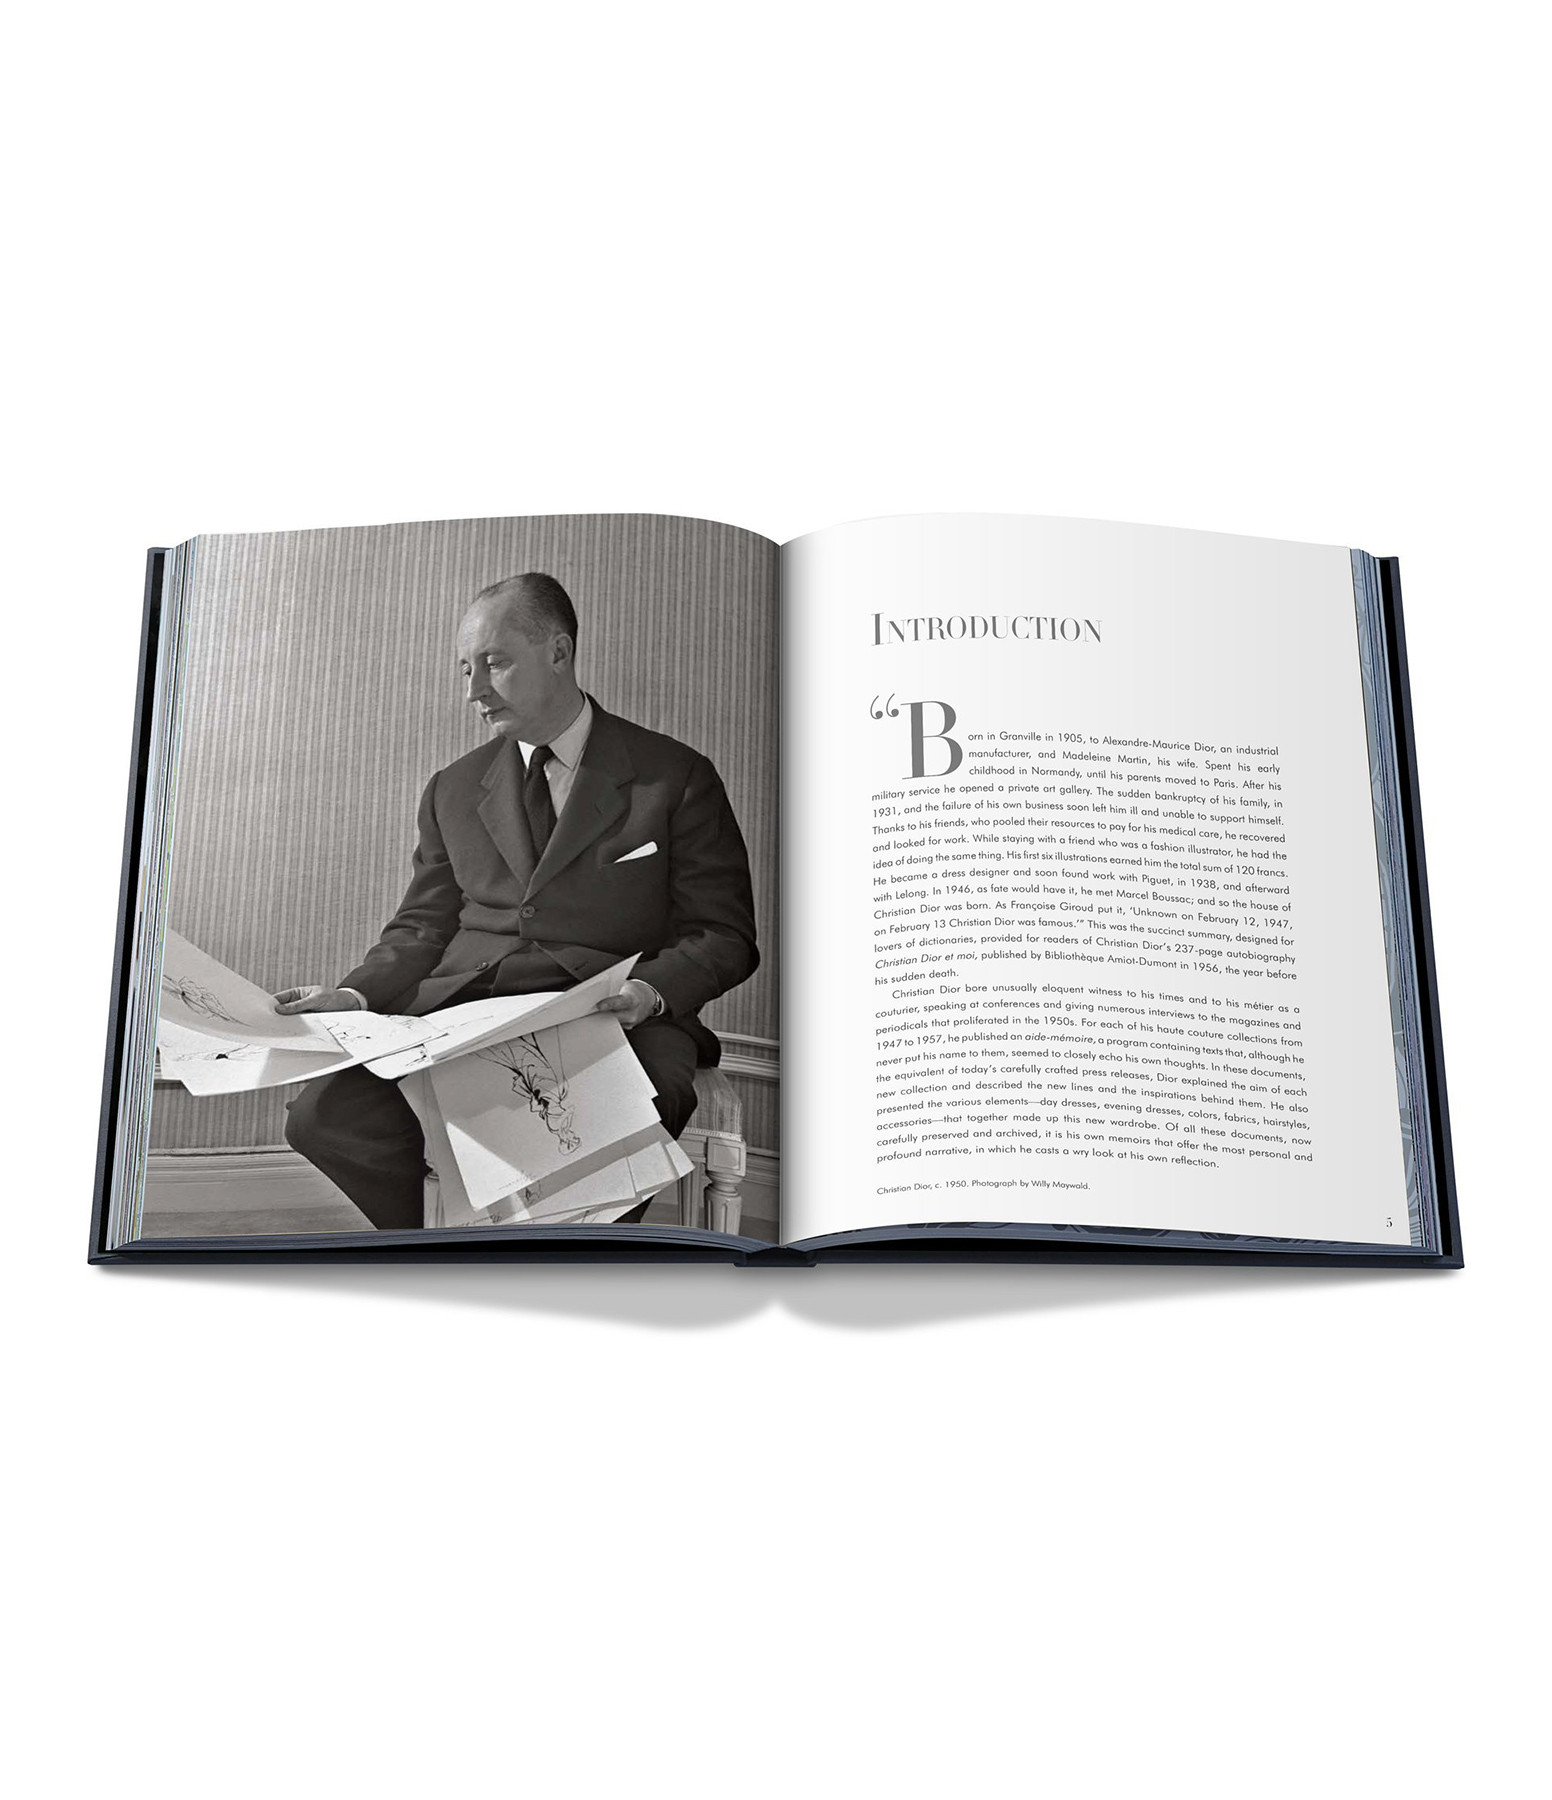 ASSOULINE - Livre Dior par Christian Dior, 1947-1957